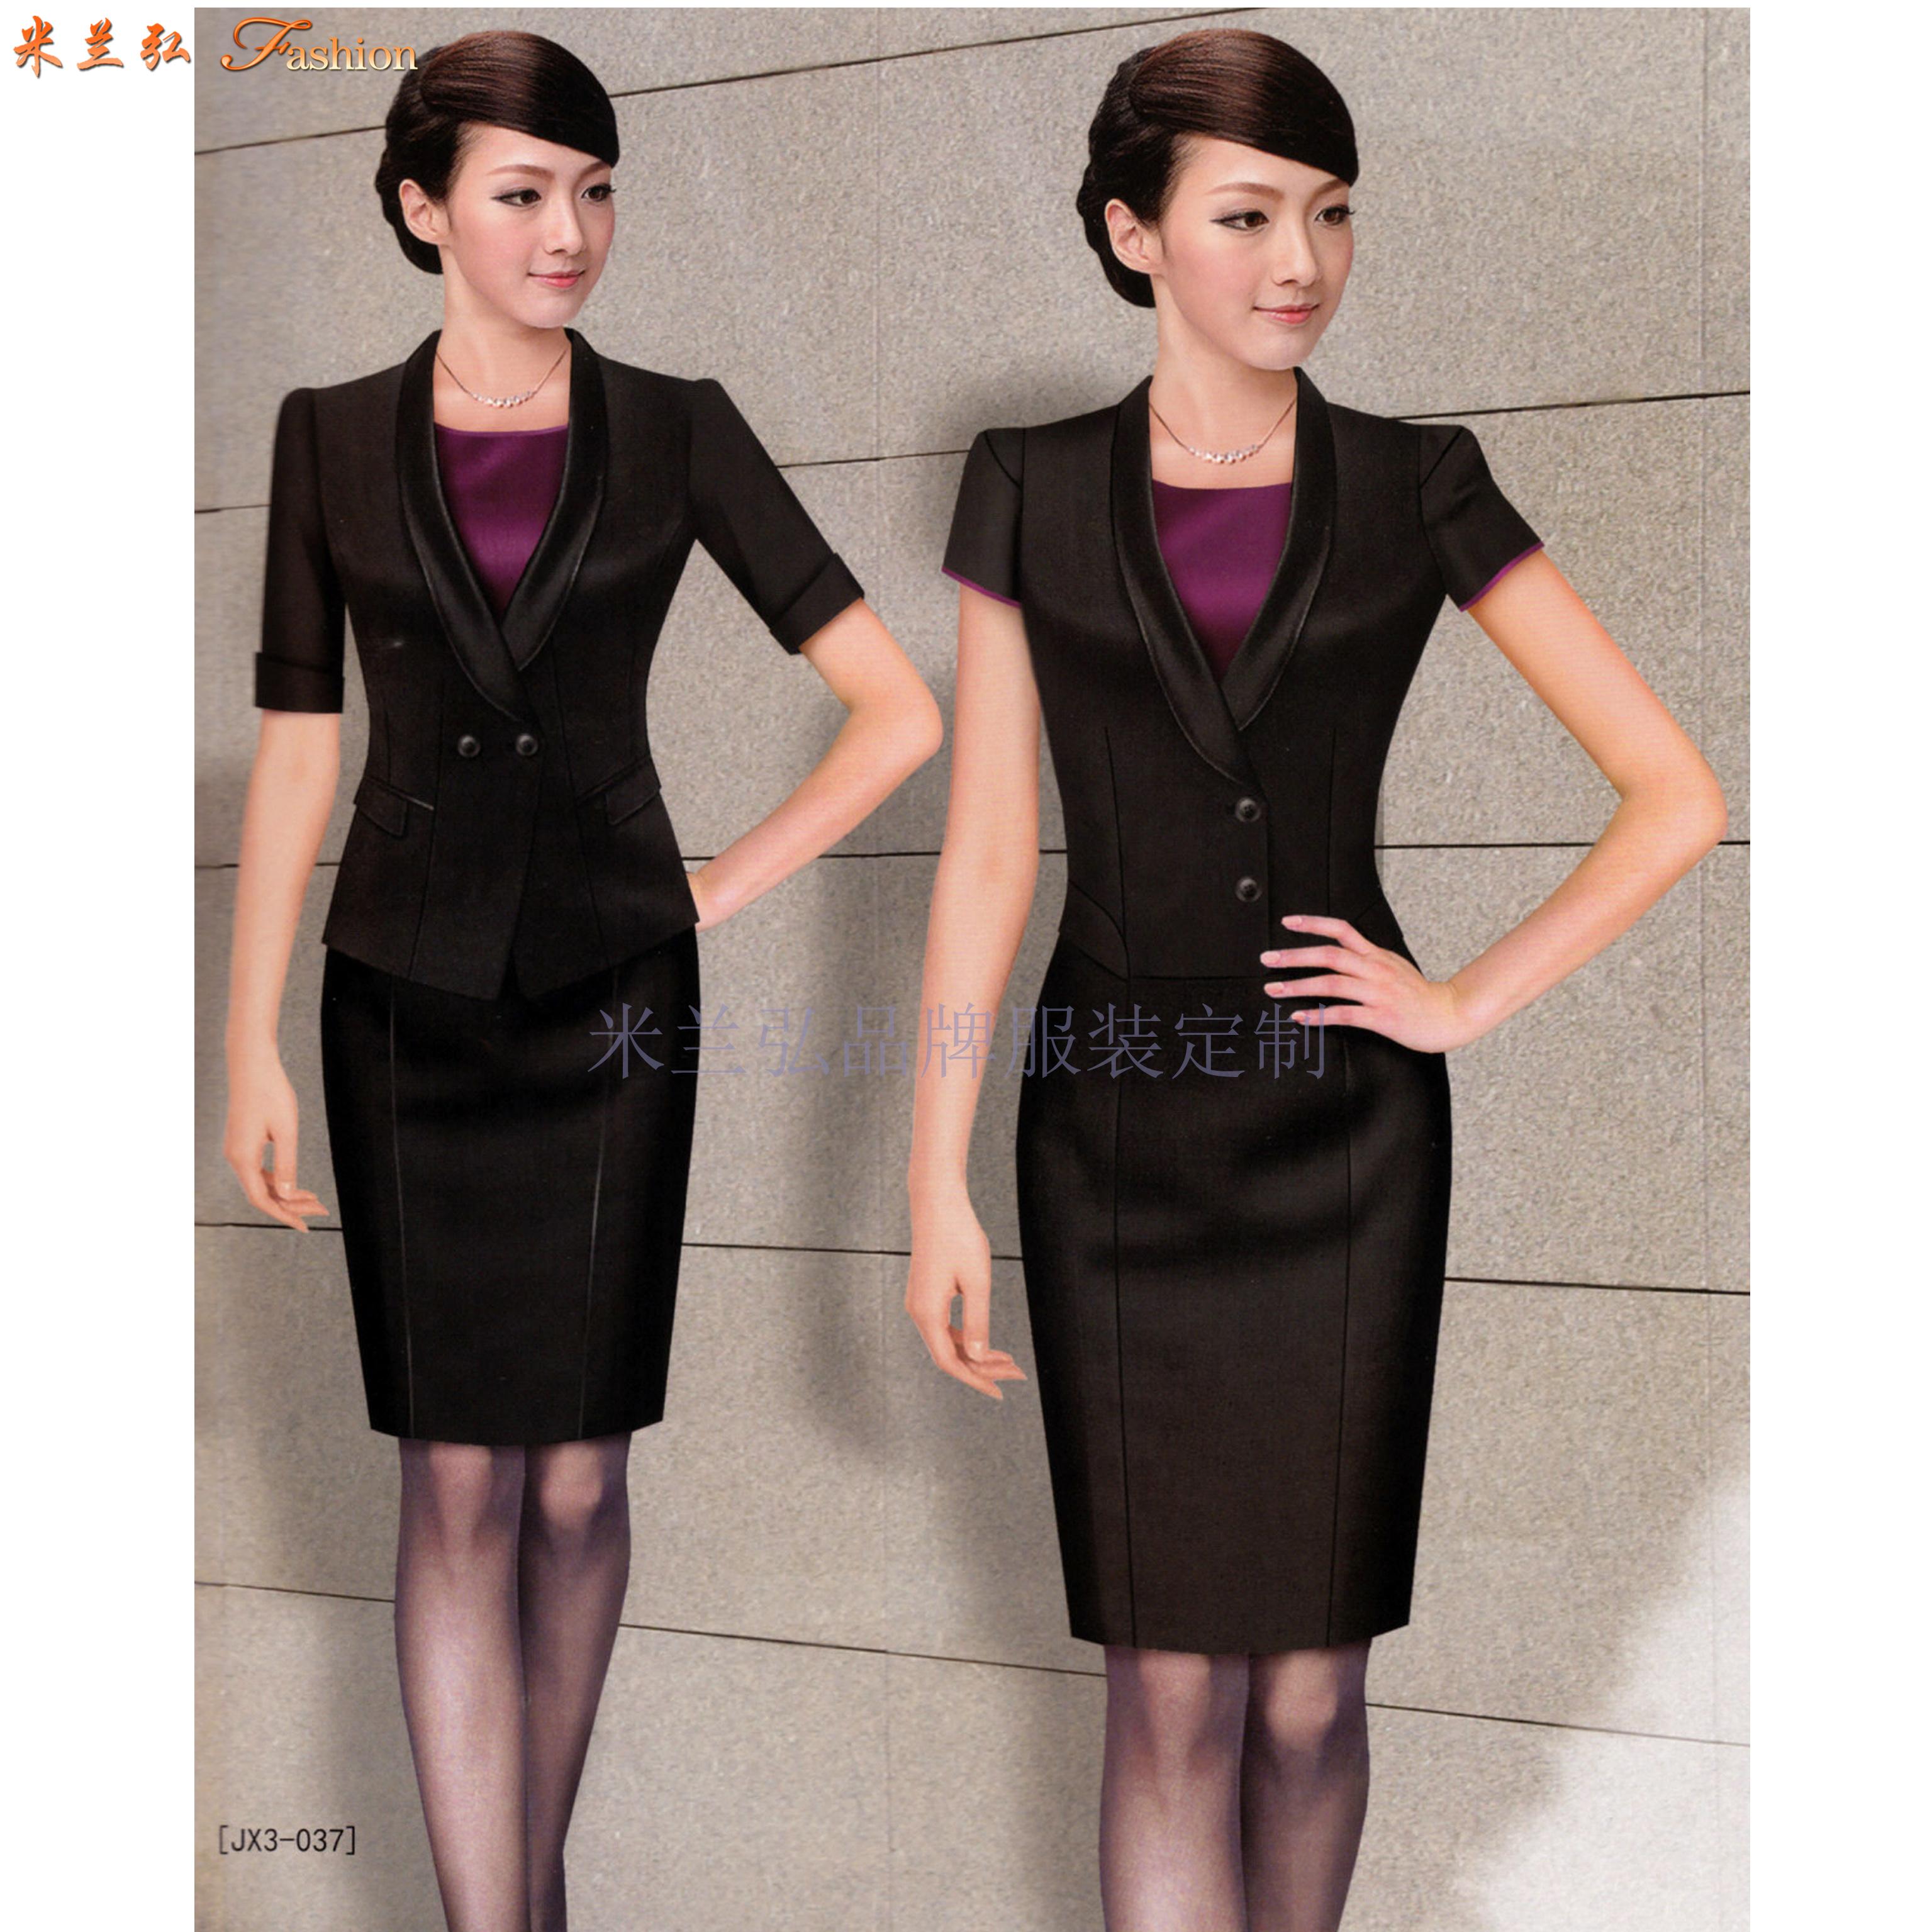 「泰安市夏季職業裝定制」專業定做夏天服裝-米蘭弘服裝-1